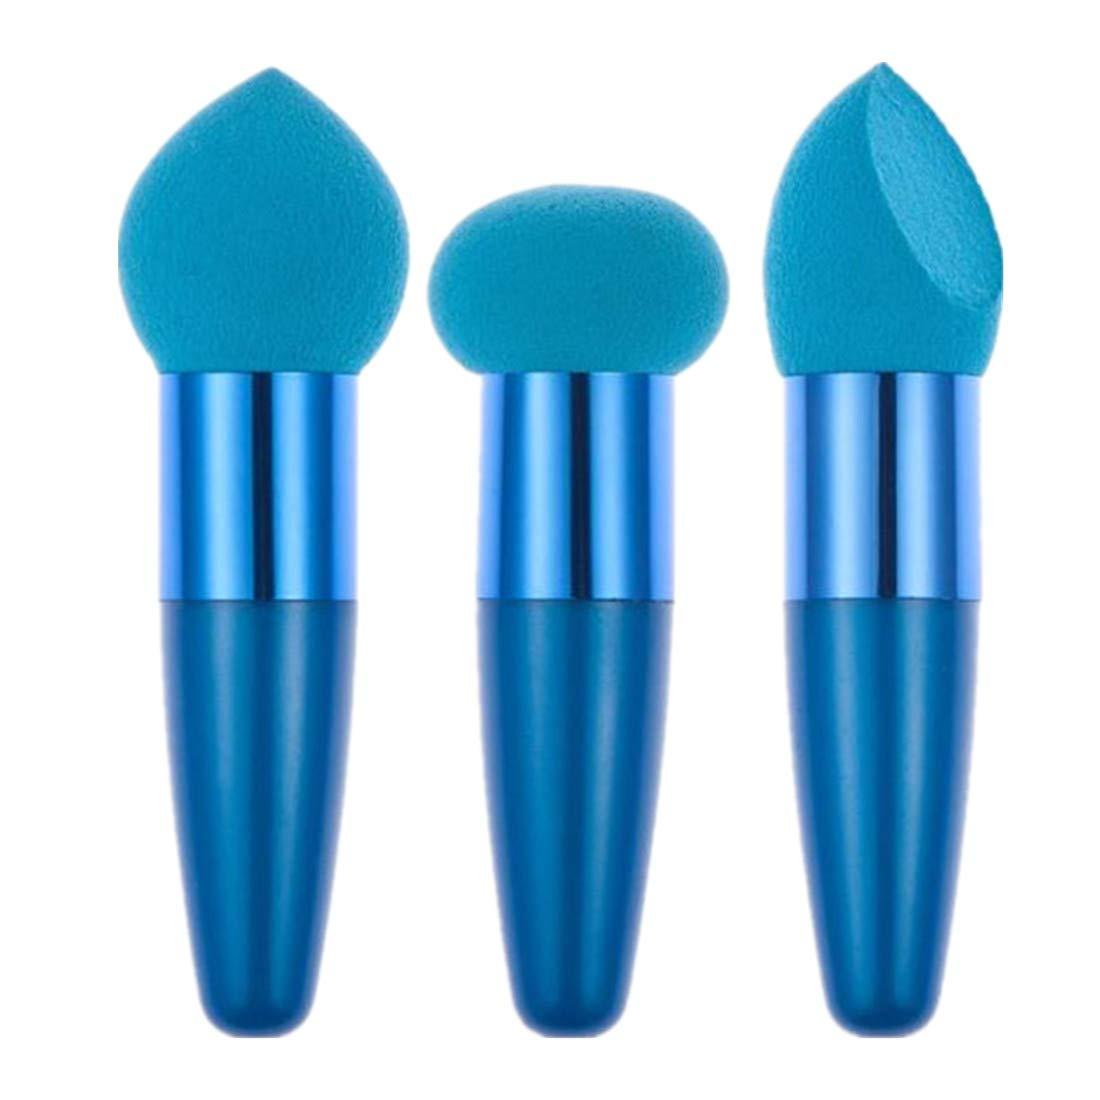 Make Up Pinsel FORH Cute Lollipop Pinsel Kosmetische concealer Foundation Schwamm Pinsel Super Weich Flüssige Brush Gesicht Blush Beauty Werkzeug (Zufällig Farbe)